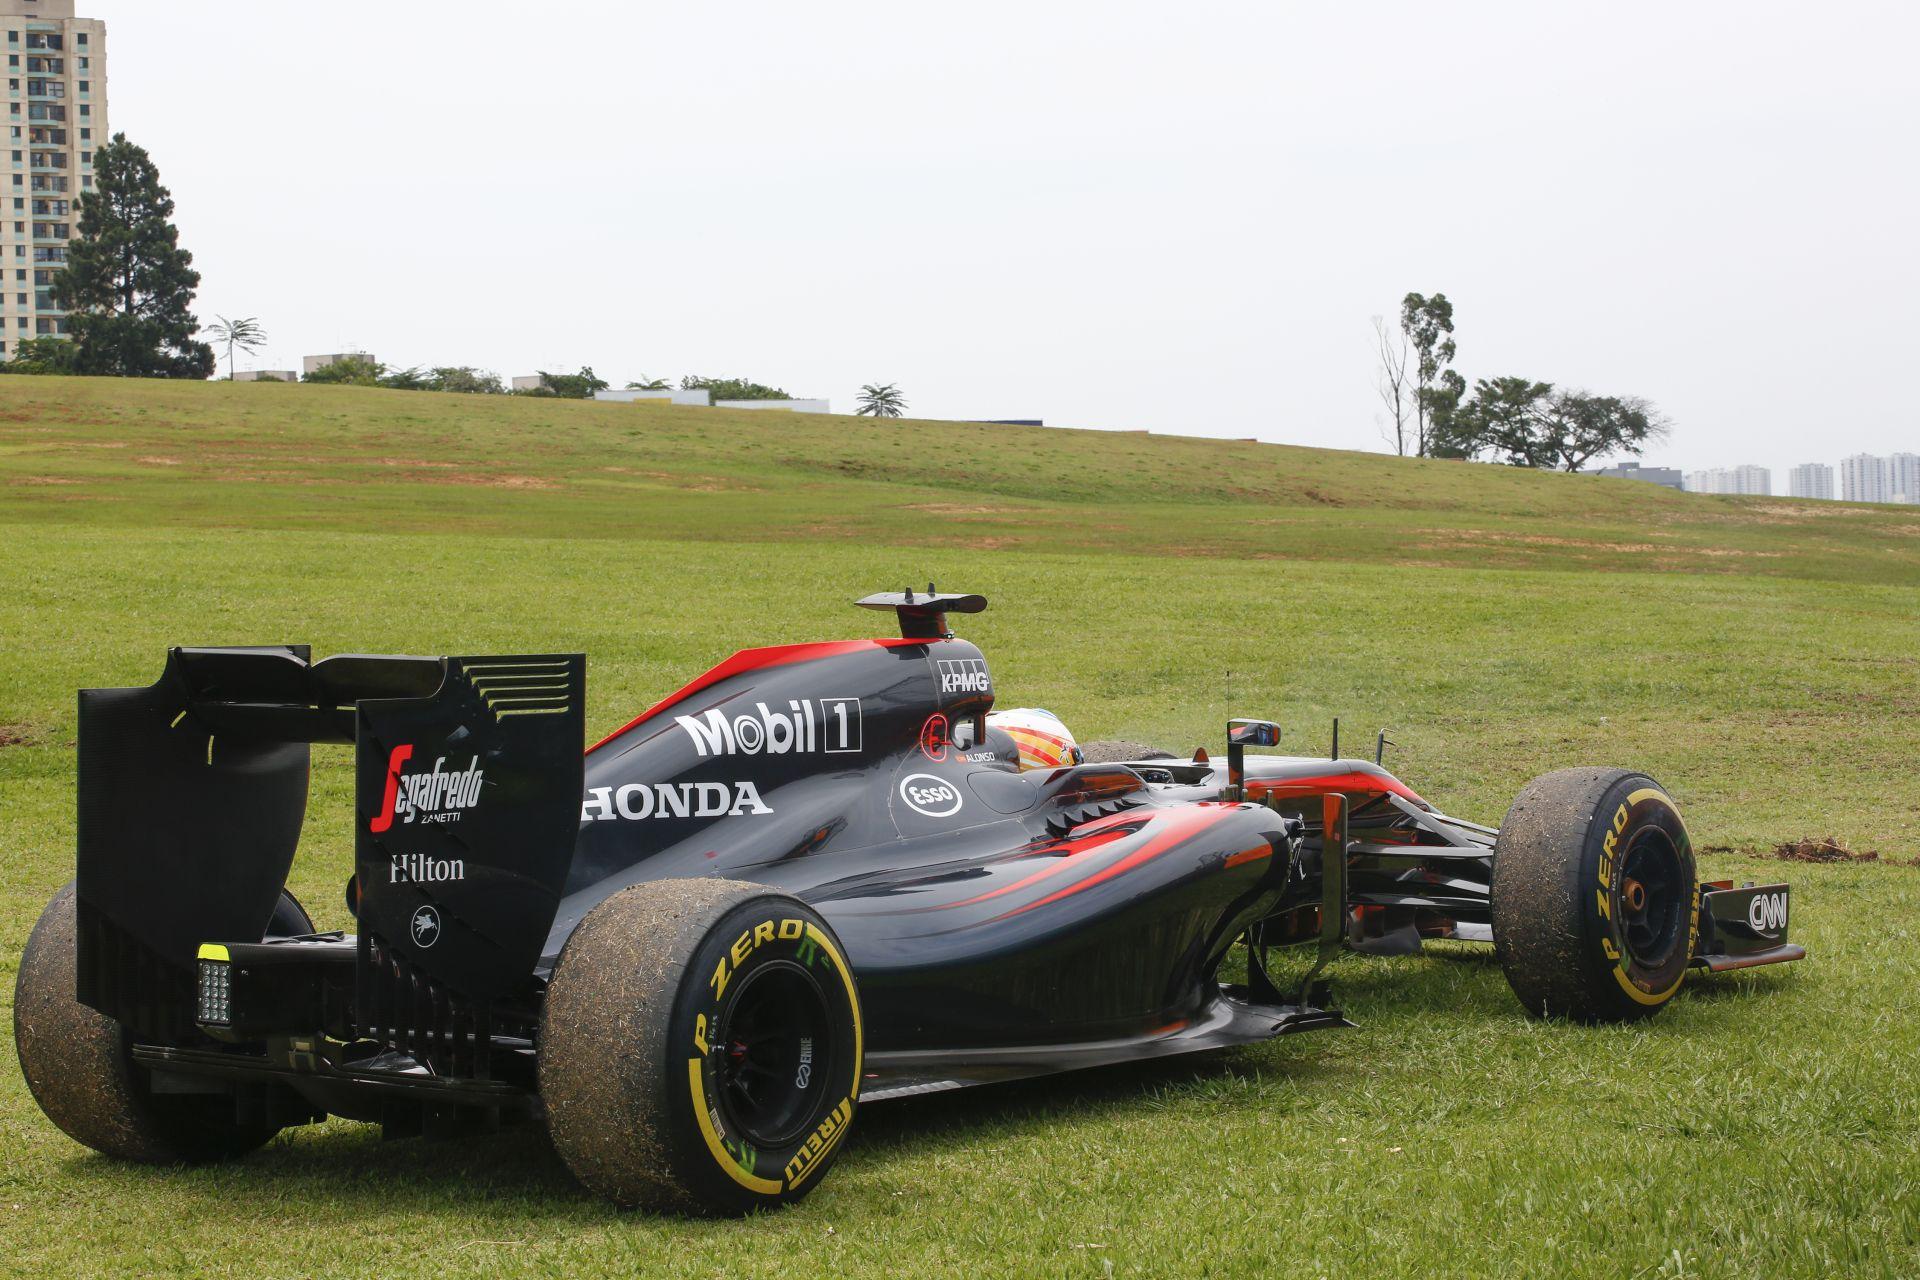 Csoda történt a Hondánál, idén már 223 lóerővel erősebb lesz a V6-os hibrid?